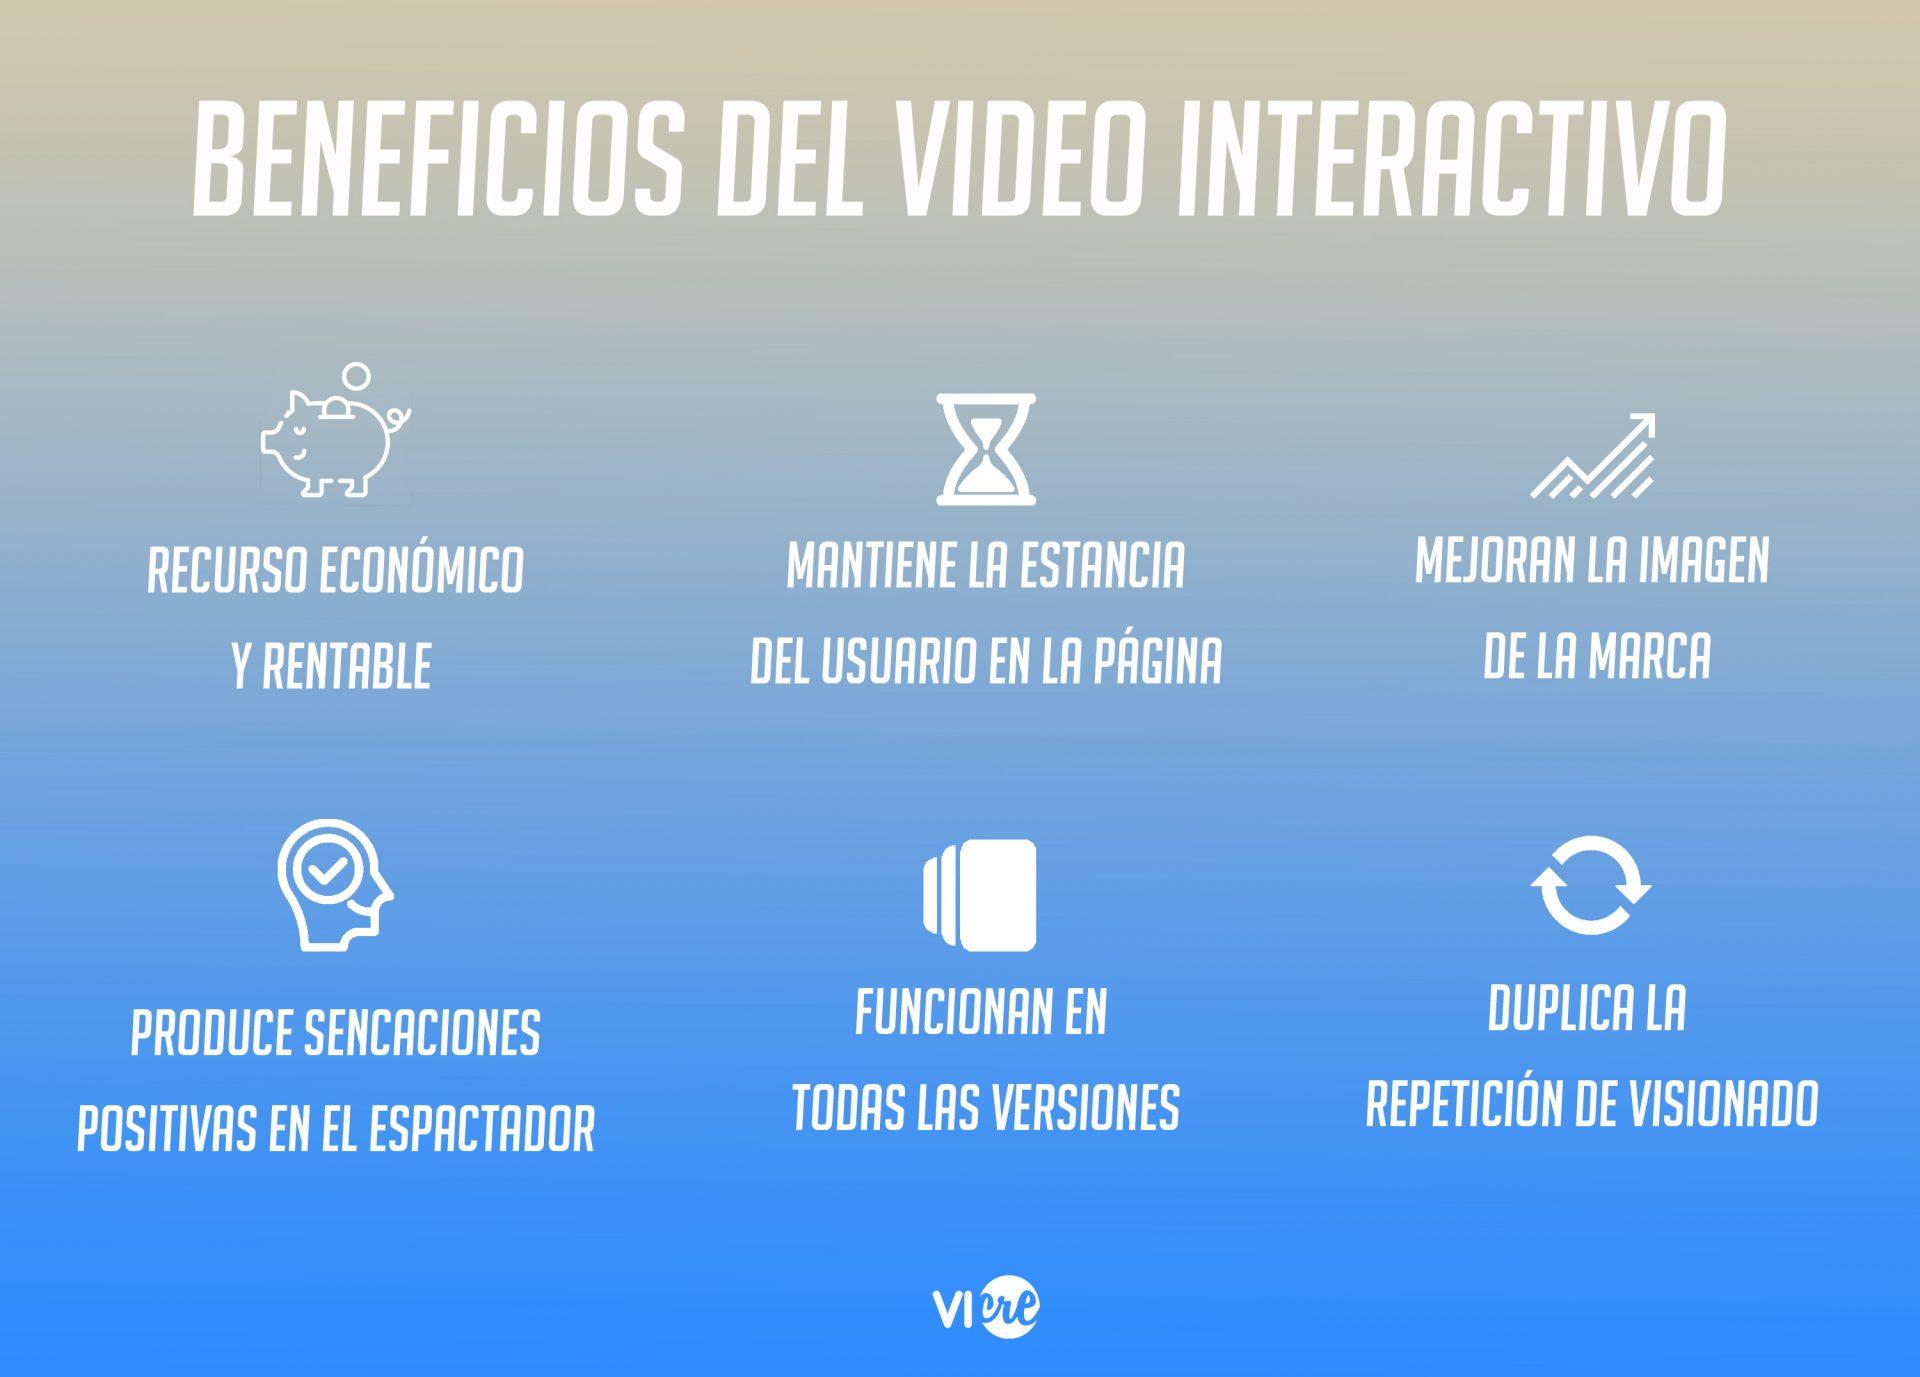 Beneficios del Video Interactivo